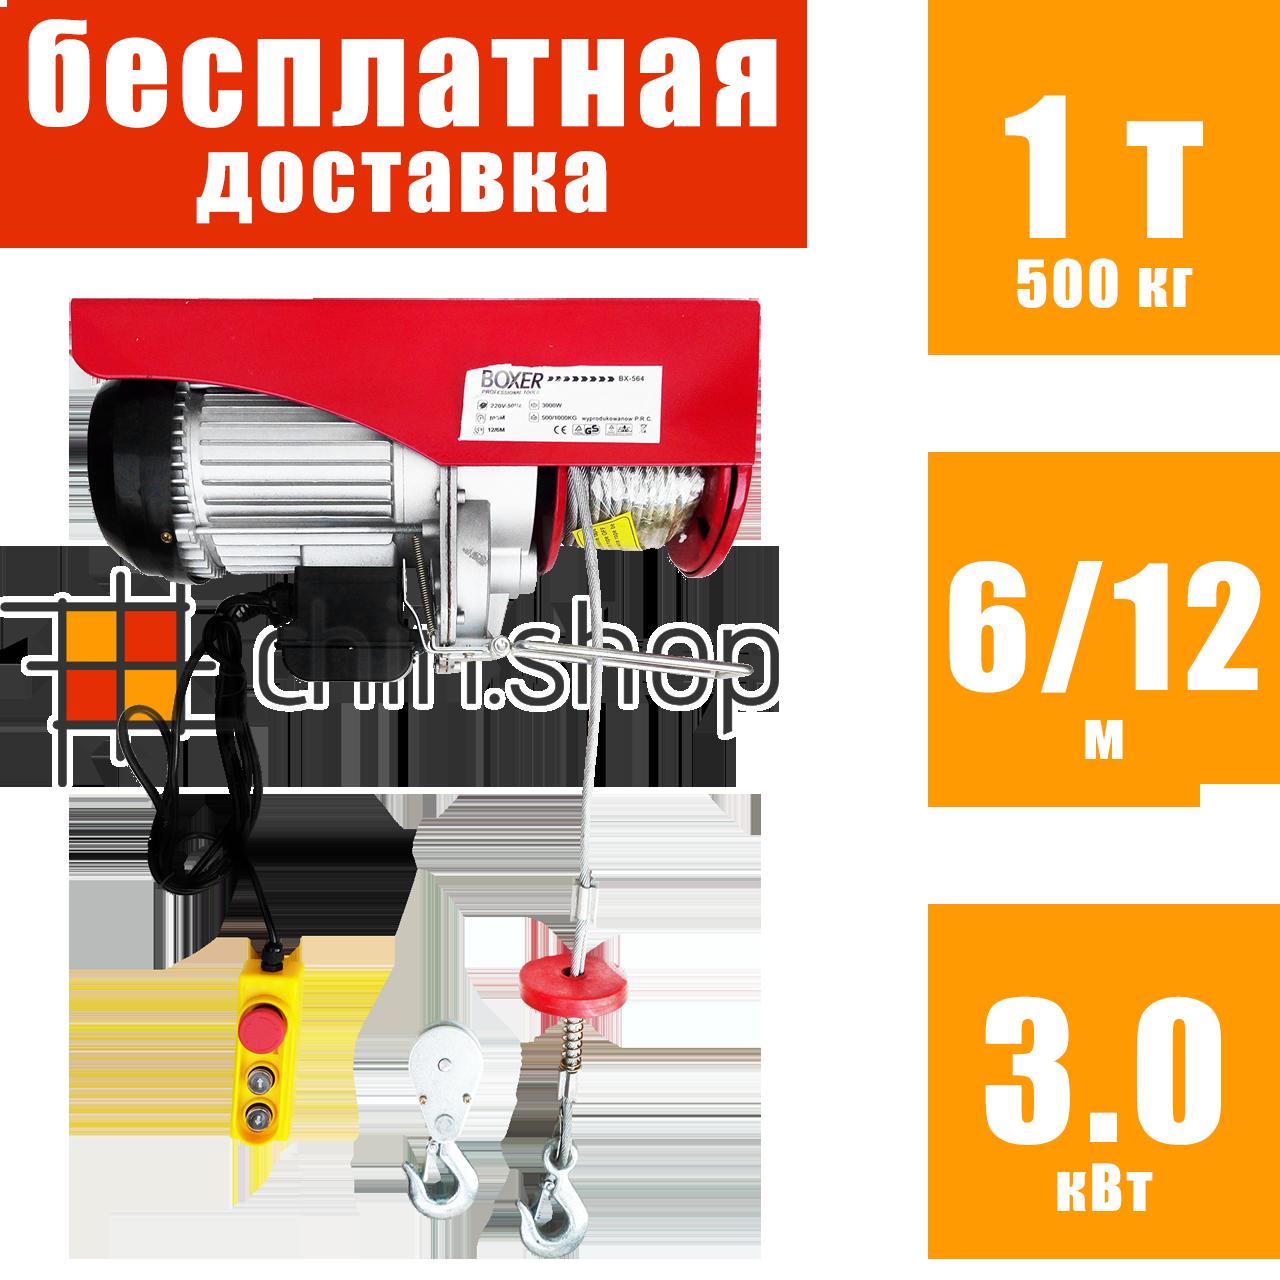 Тельфер электрический 500/1000 кг Boxer BX 564, лебёдка электрическая канатная электроталь, тельфер 1 т